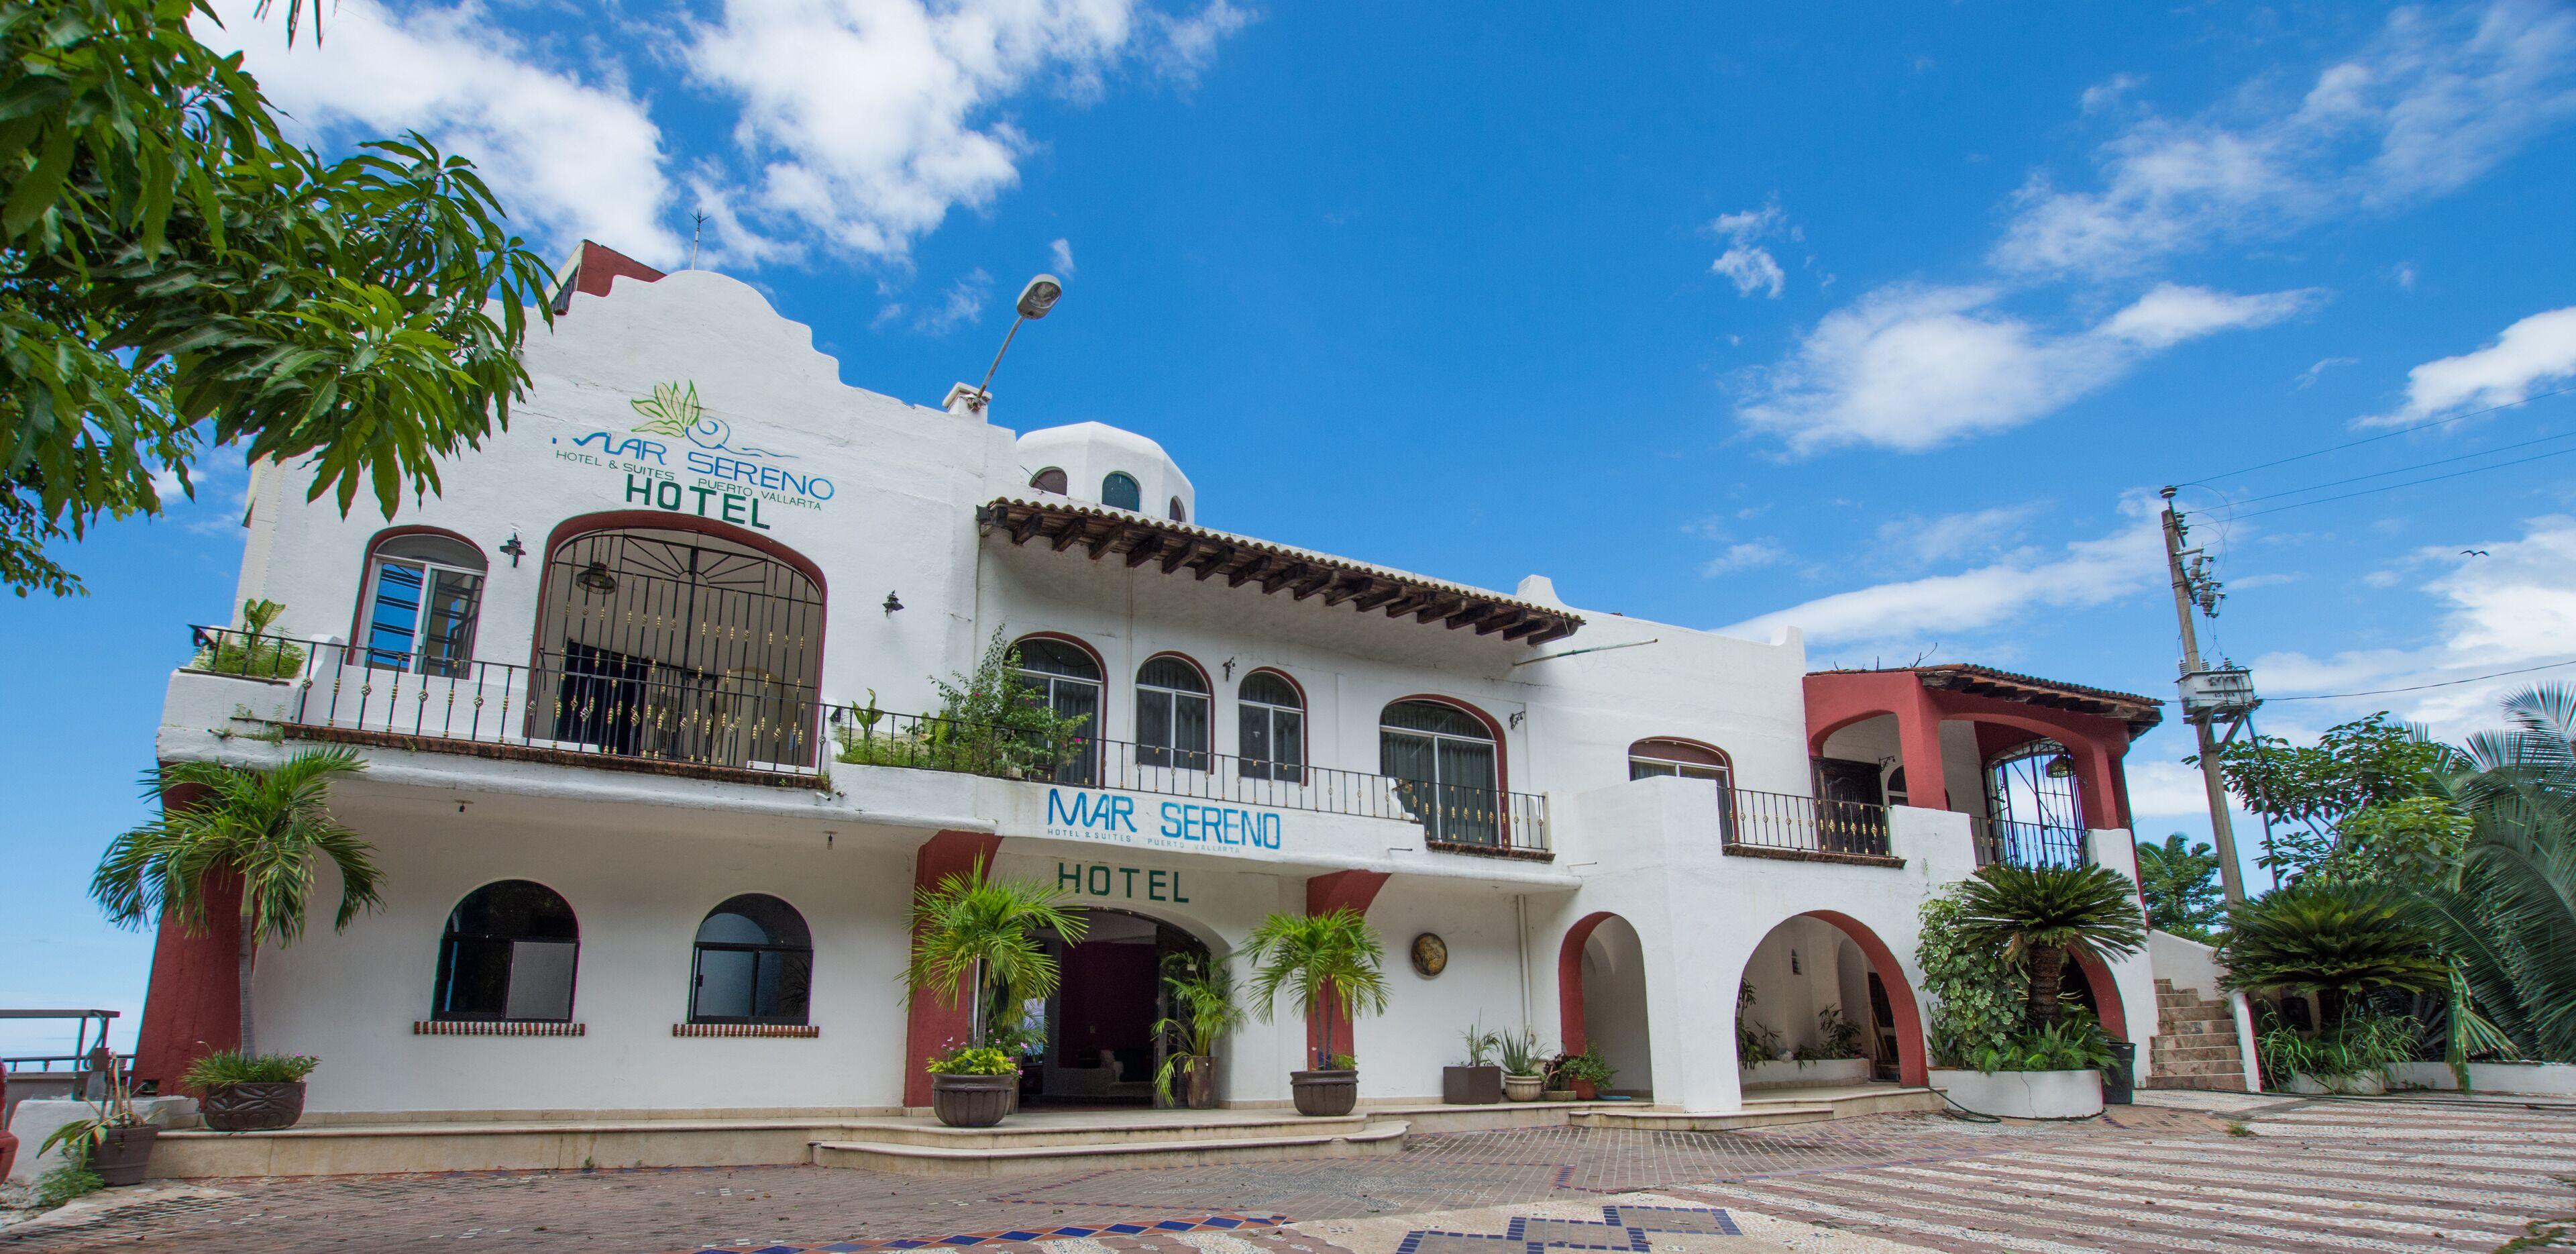 Mar Sereno Hotel And Suites